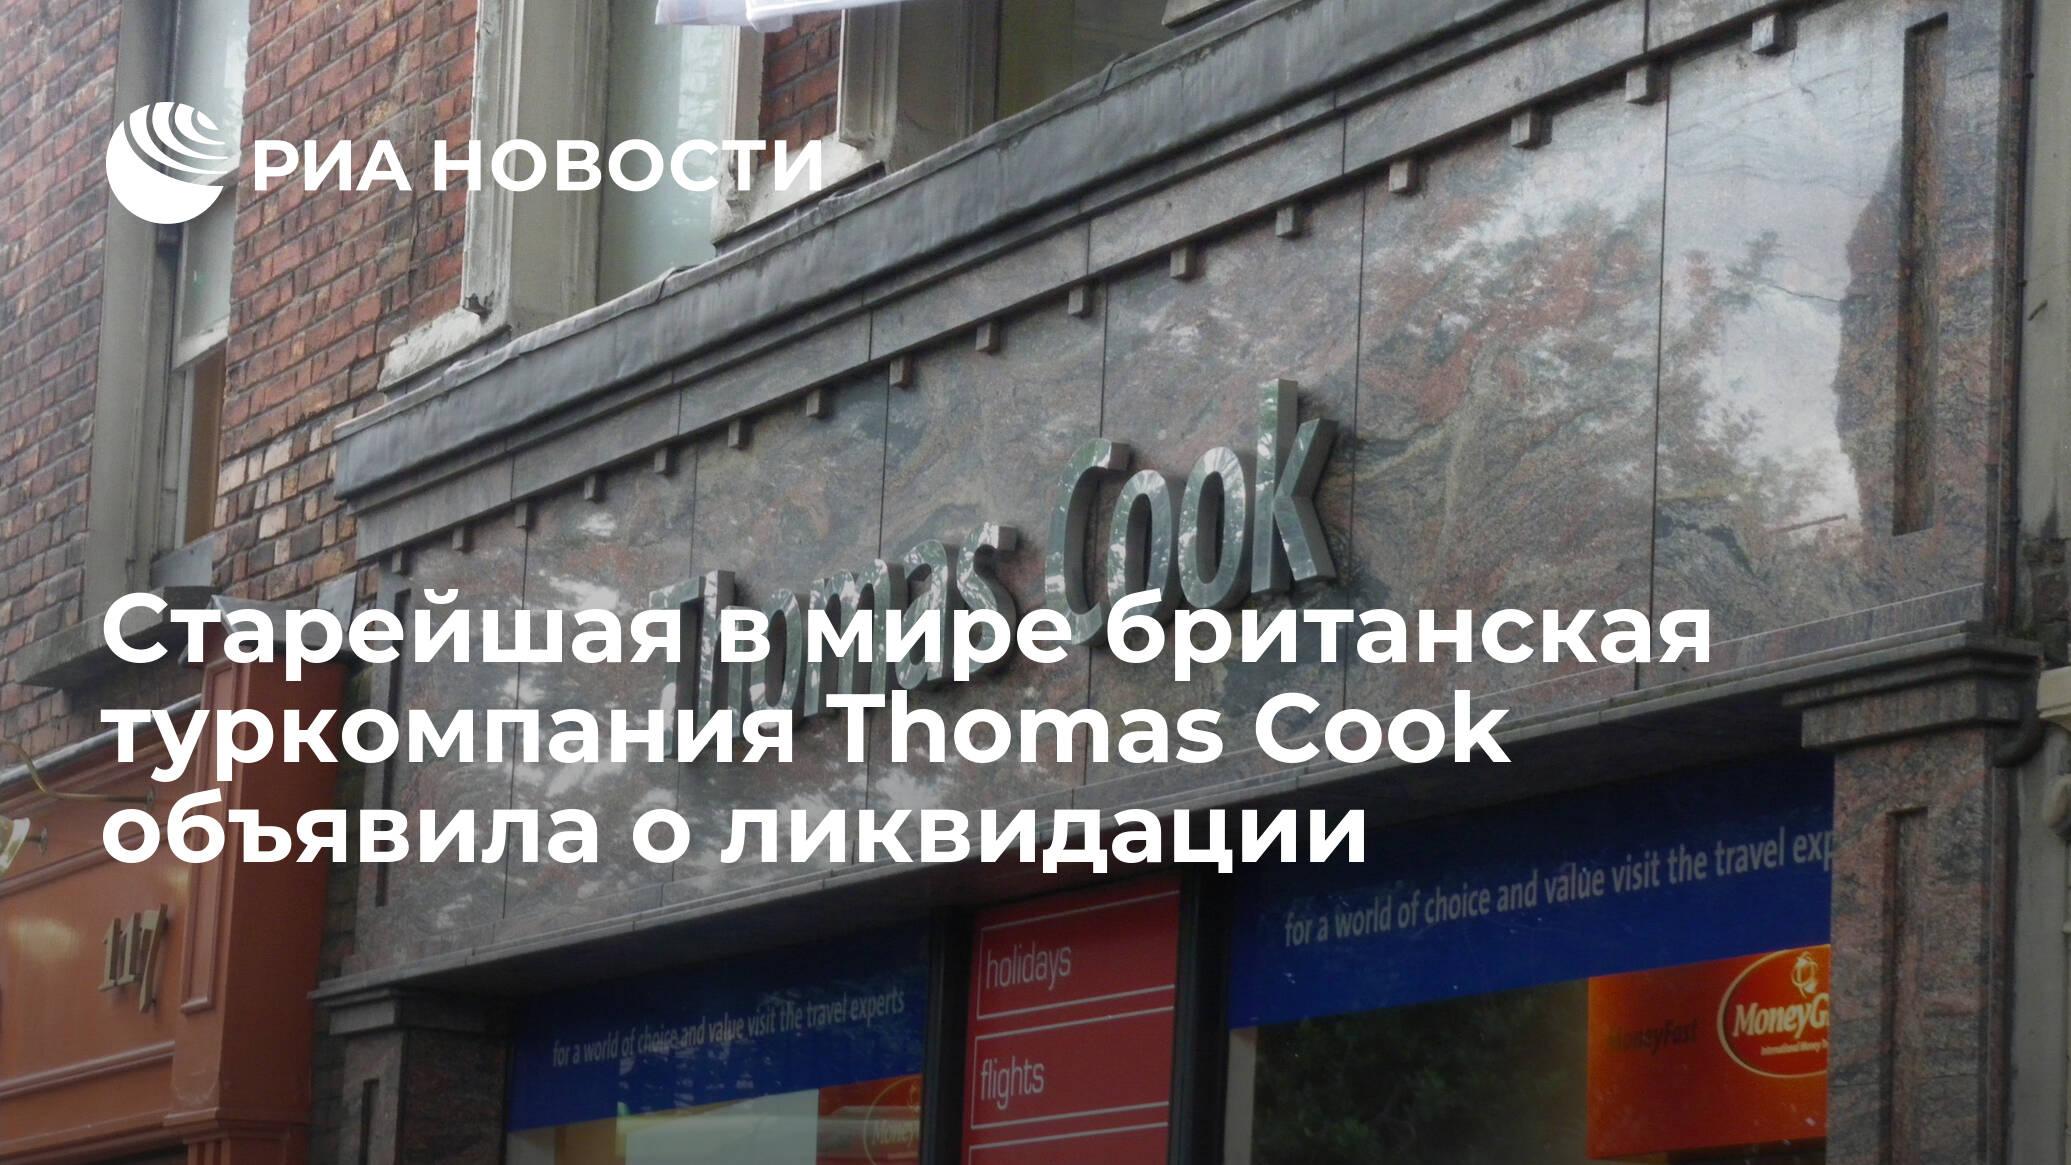 Старейшая в мире британская туркомпания Thomas Cook объявила о ликвидации